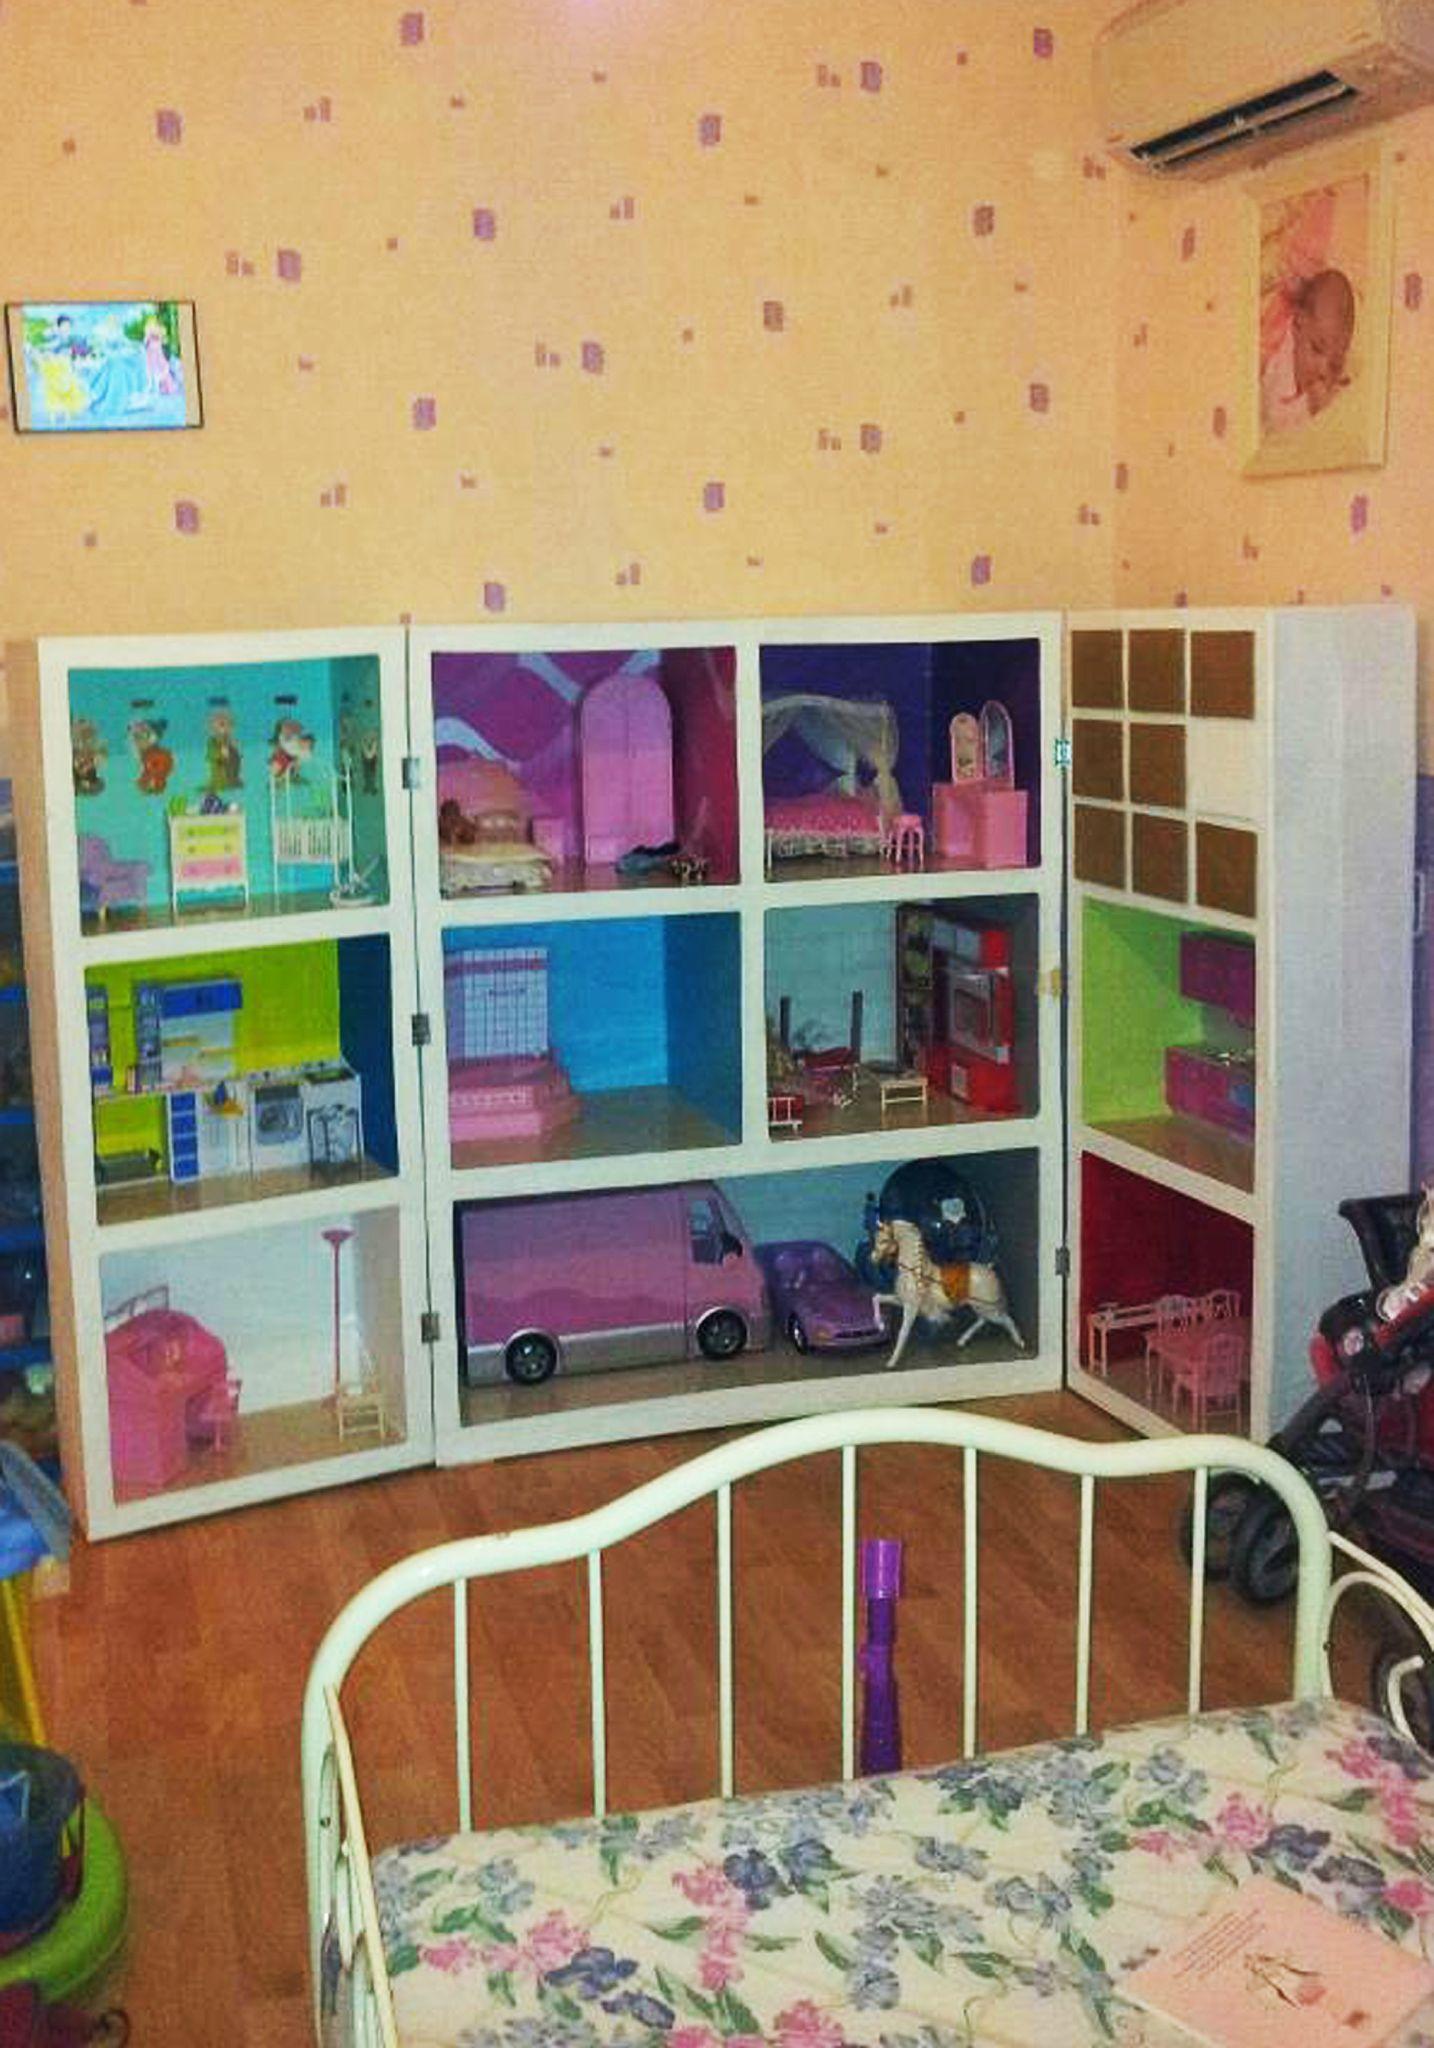 photo maison barbie finie 8 little house pinterest. Black Bedroom Furniture Sets. Home Design Ideas